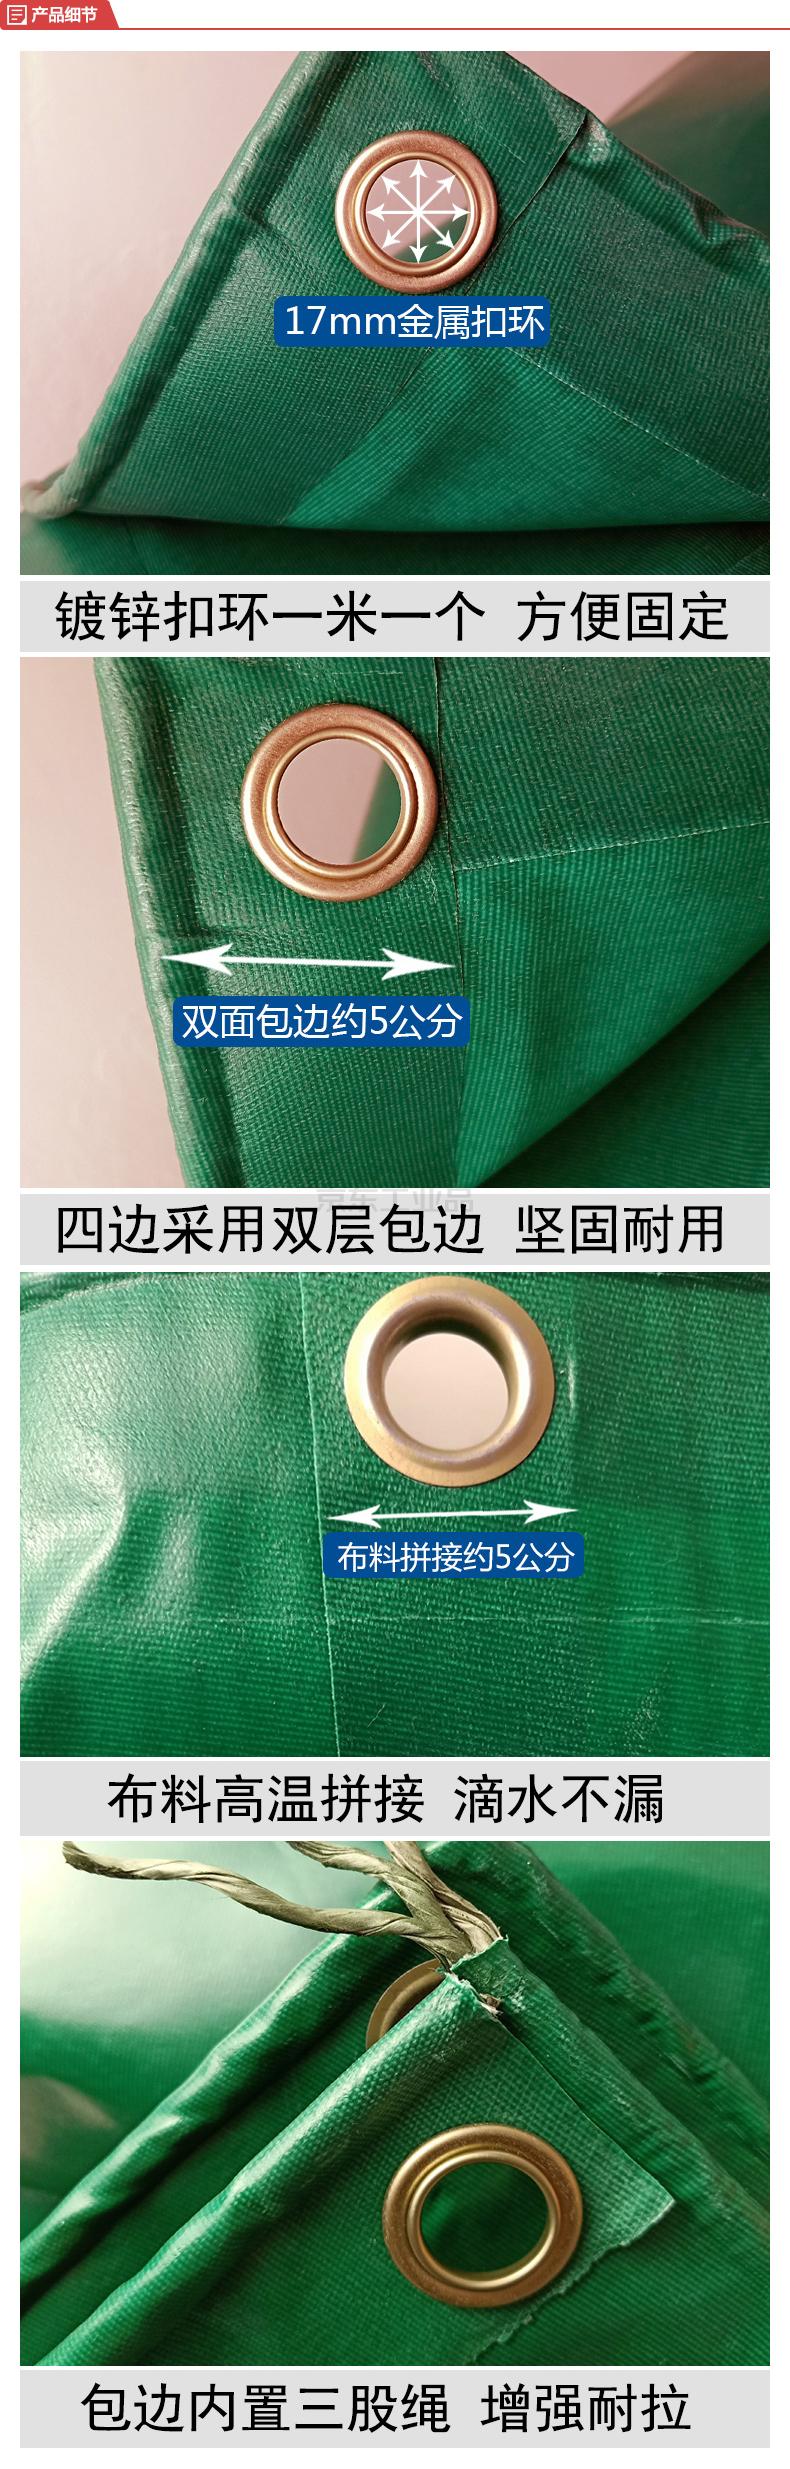 友友 篷布雨布 PVC142绿防水布 涂塑布 尺寸10米*15米;YY-PVC142-1000015000